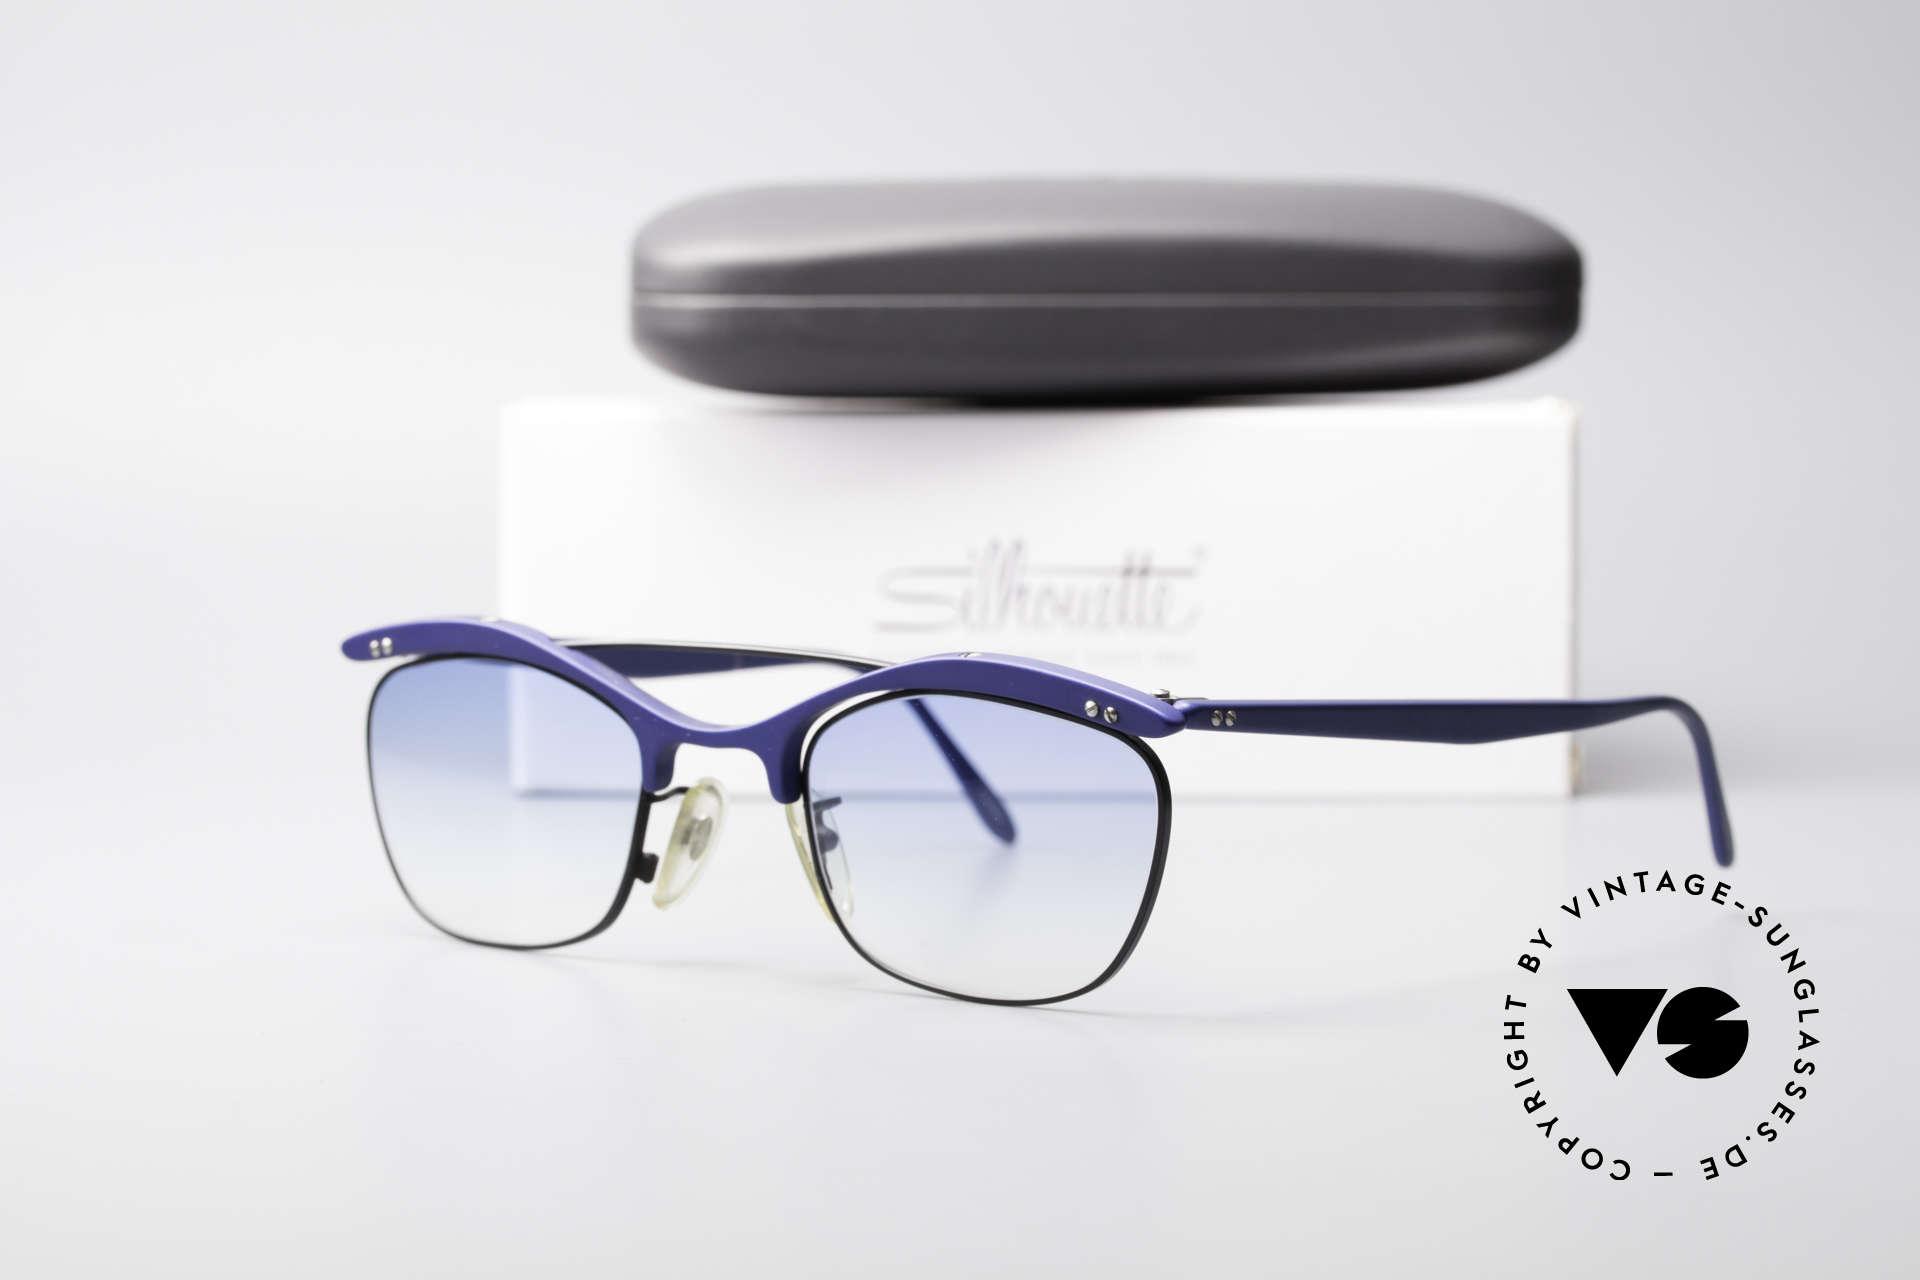 L.A. Eyeworks PLUTO III No Retro Vintage Sonnenbrille, Größe: medium, Passend für Herren und Damen